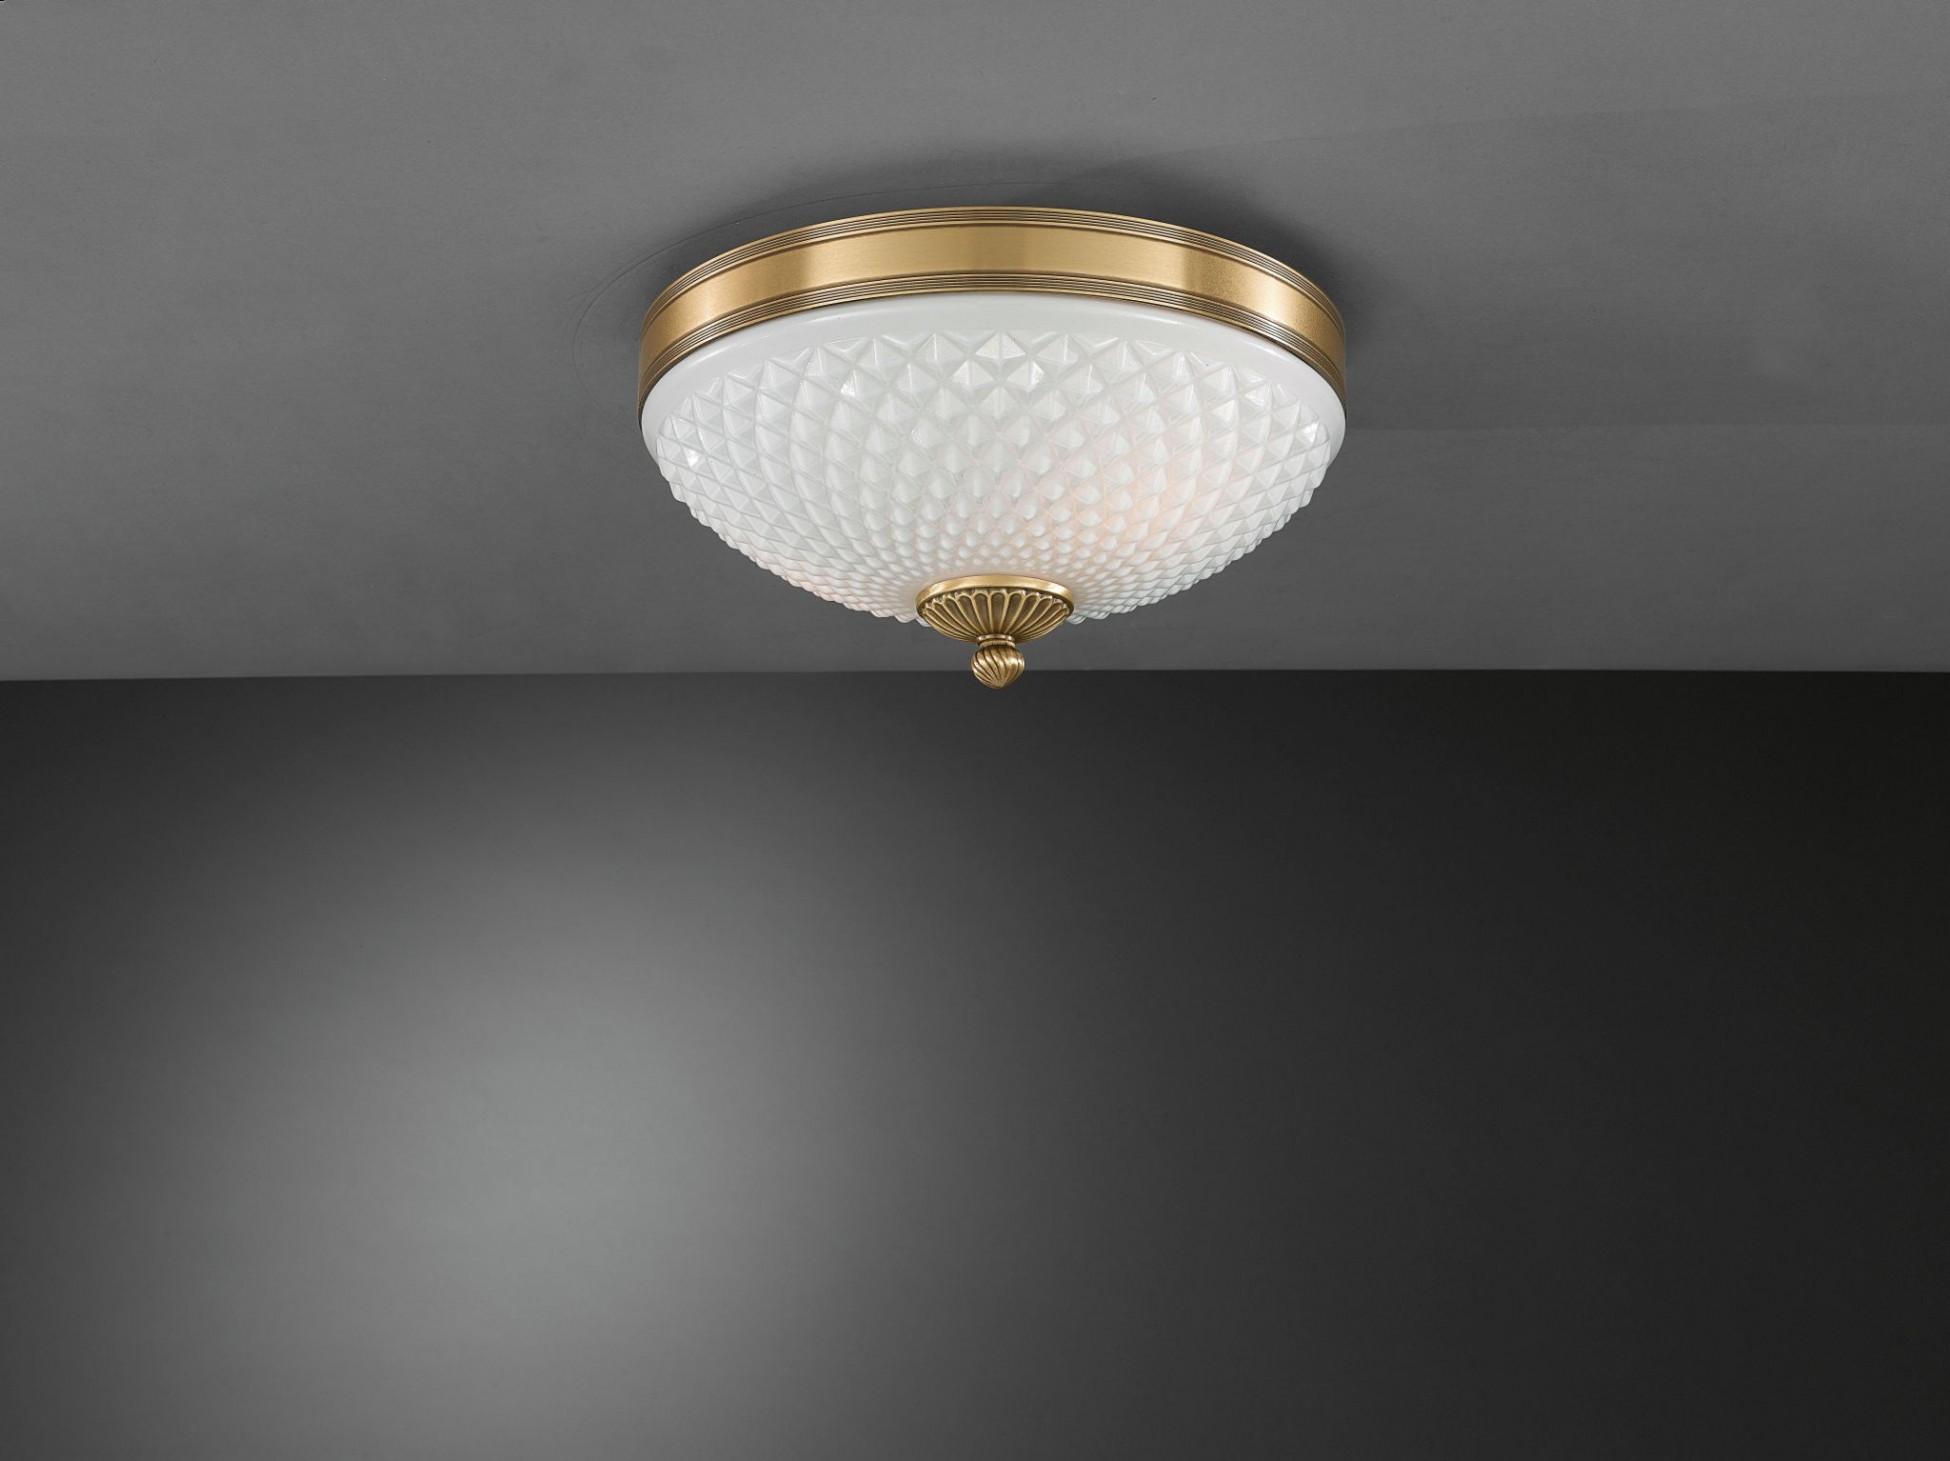 Plafoniere Ottone E Vetro : Plafoniera in ottone e vetro bianco soffiato 2 luci 30 cm reccagni